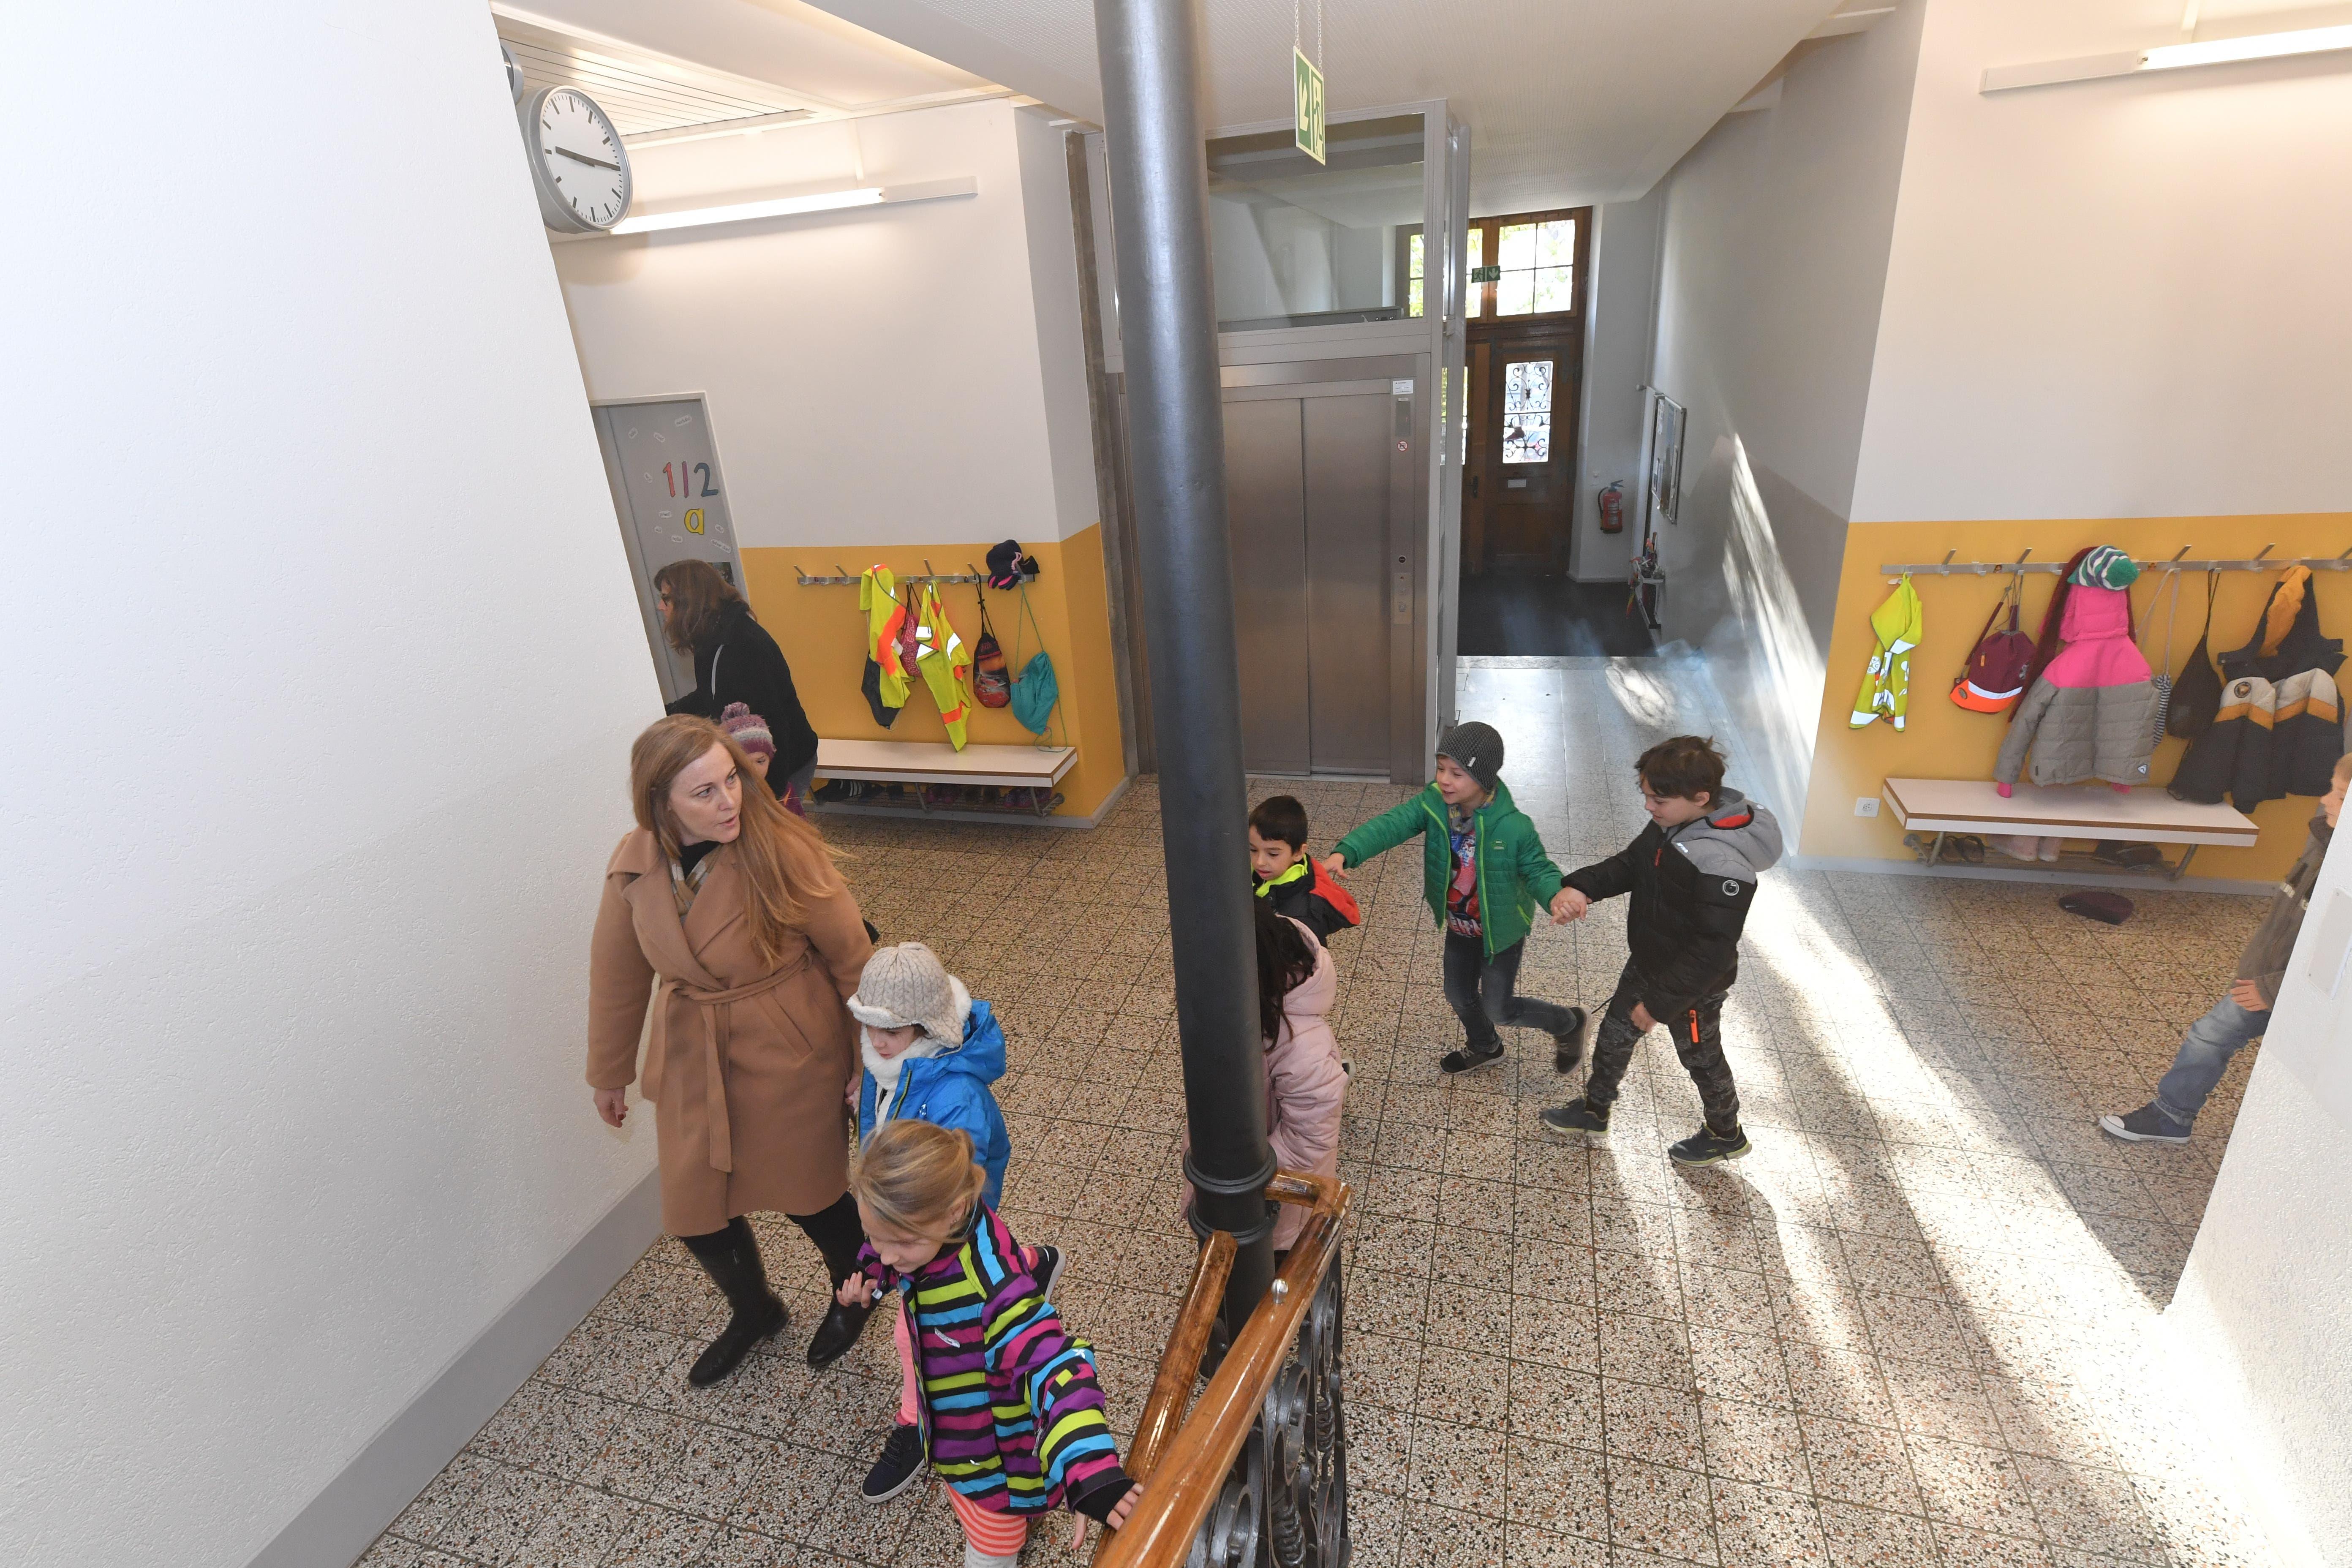 Am Dienstag nun war es soweit. Nachdem die Hauswartin Regula Brunner im Keller Rauch entdeckt hatte, rannte sie in alle Schulzimmer und alarmierte die Schüler und die Lehrkräfte.